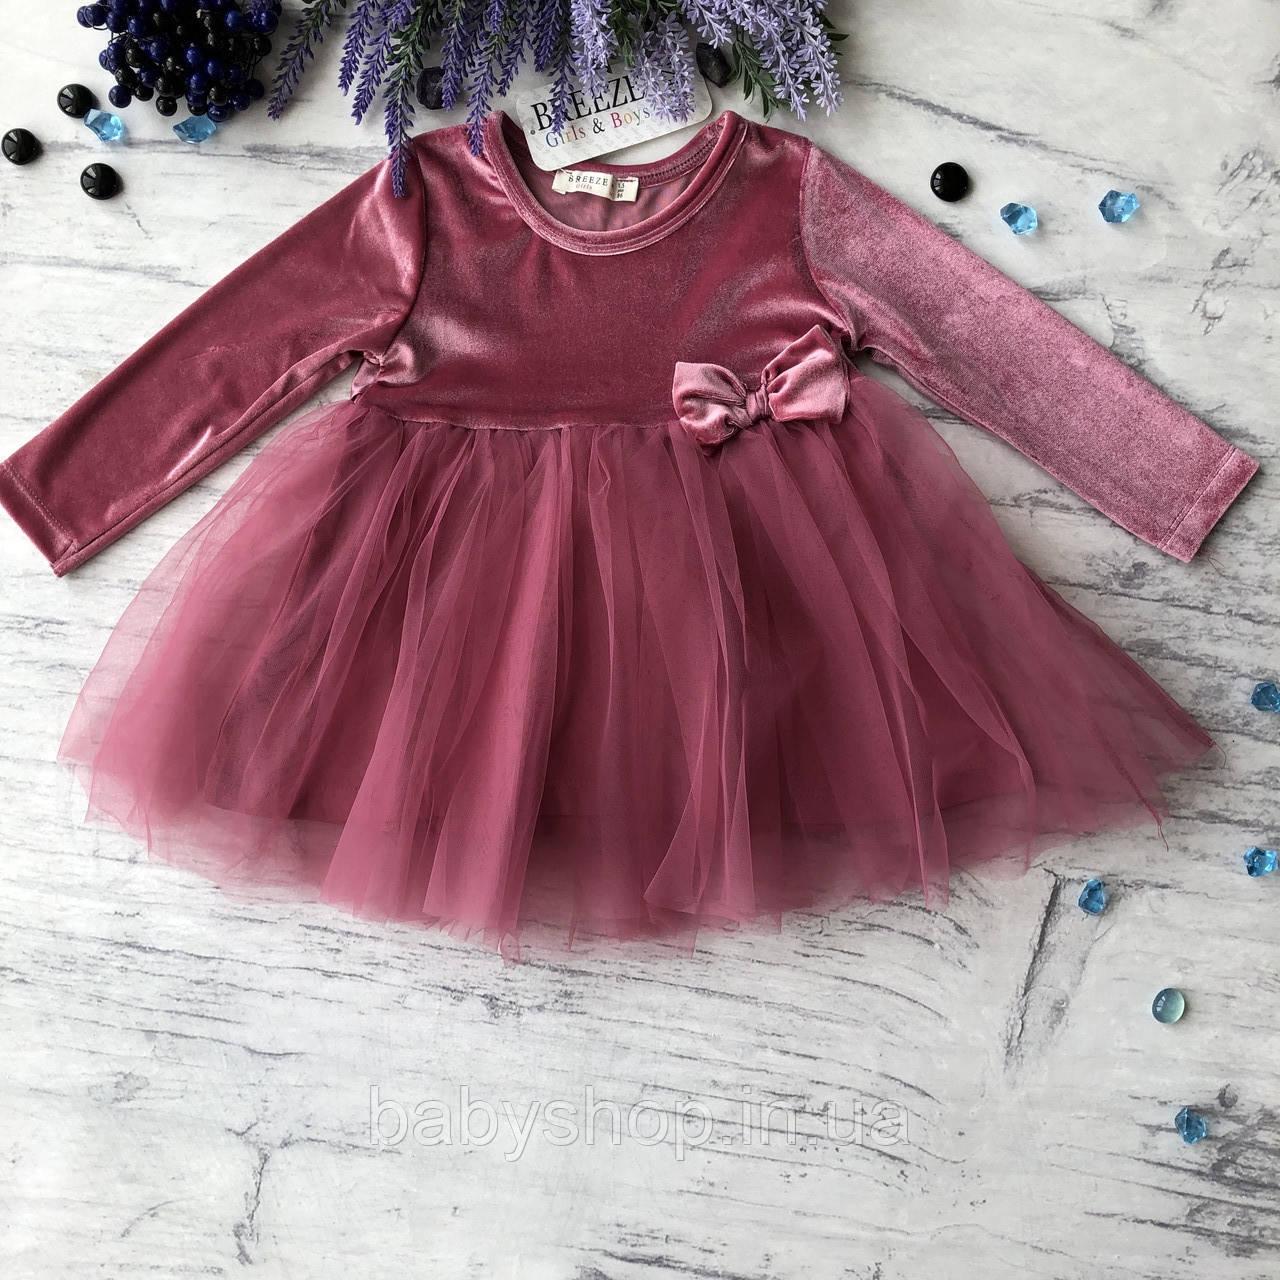 Пышное розовое платье на девочку Breeze 170 . Размер 98 см, 110 см